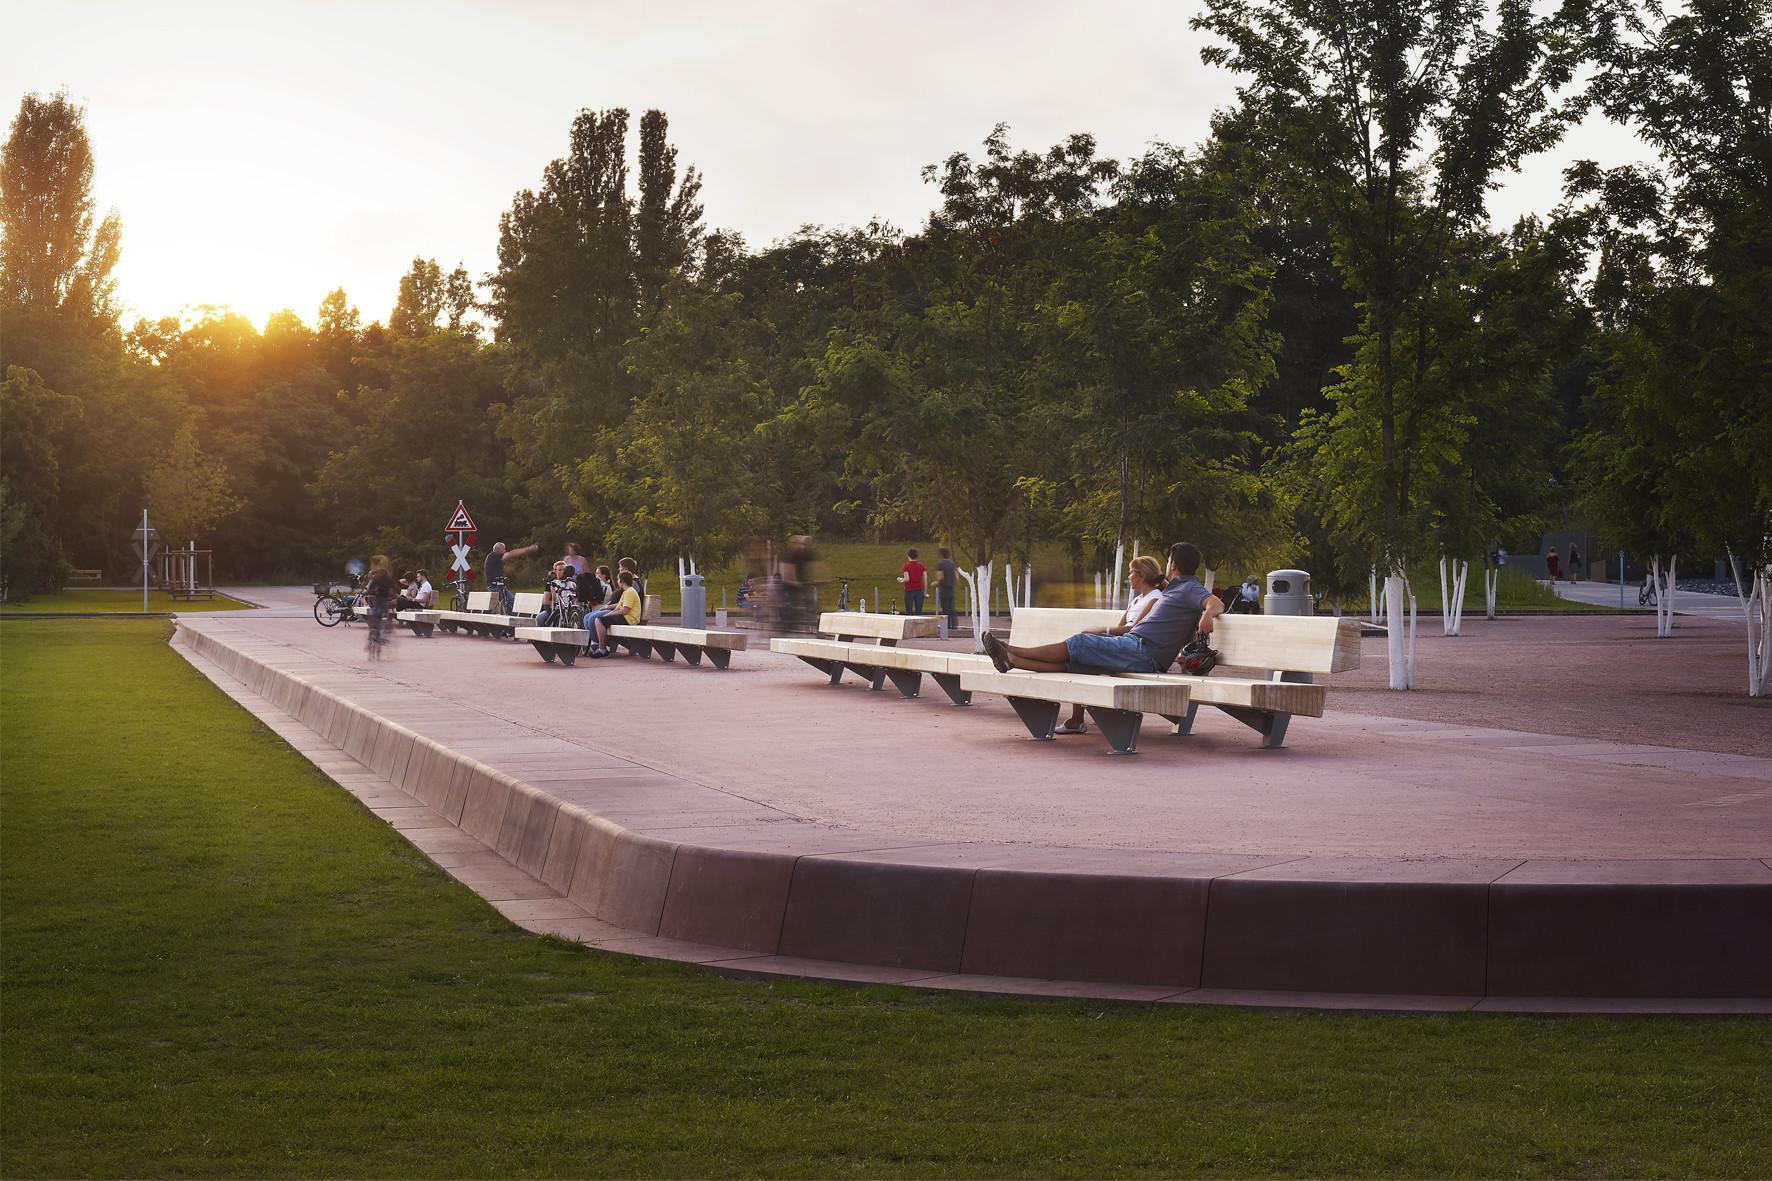 Gleisdreieck Park. Image © Julien Lanoo